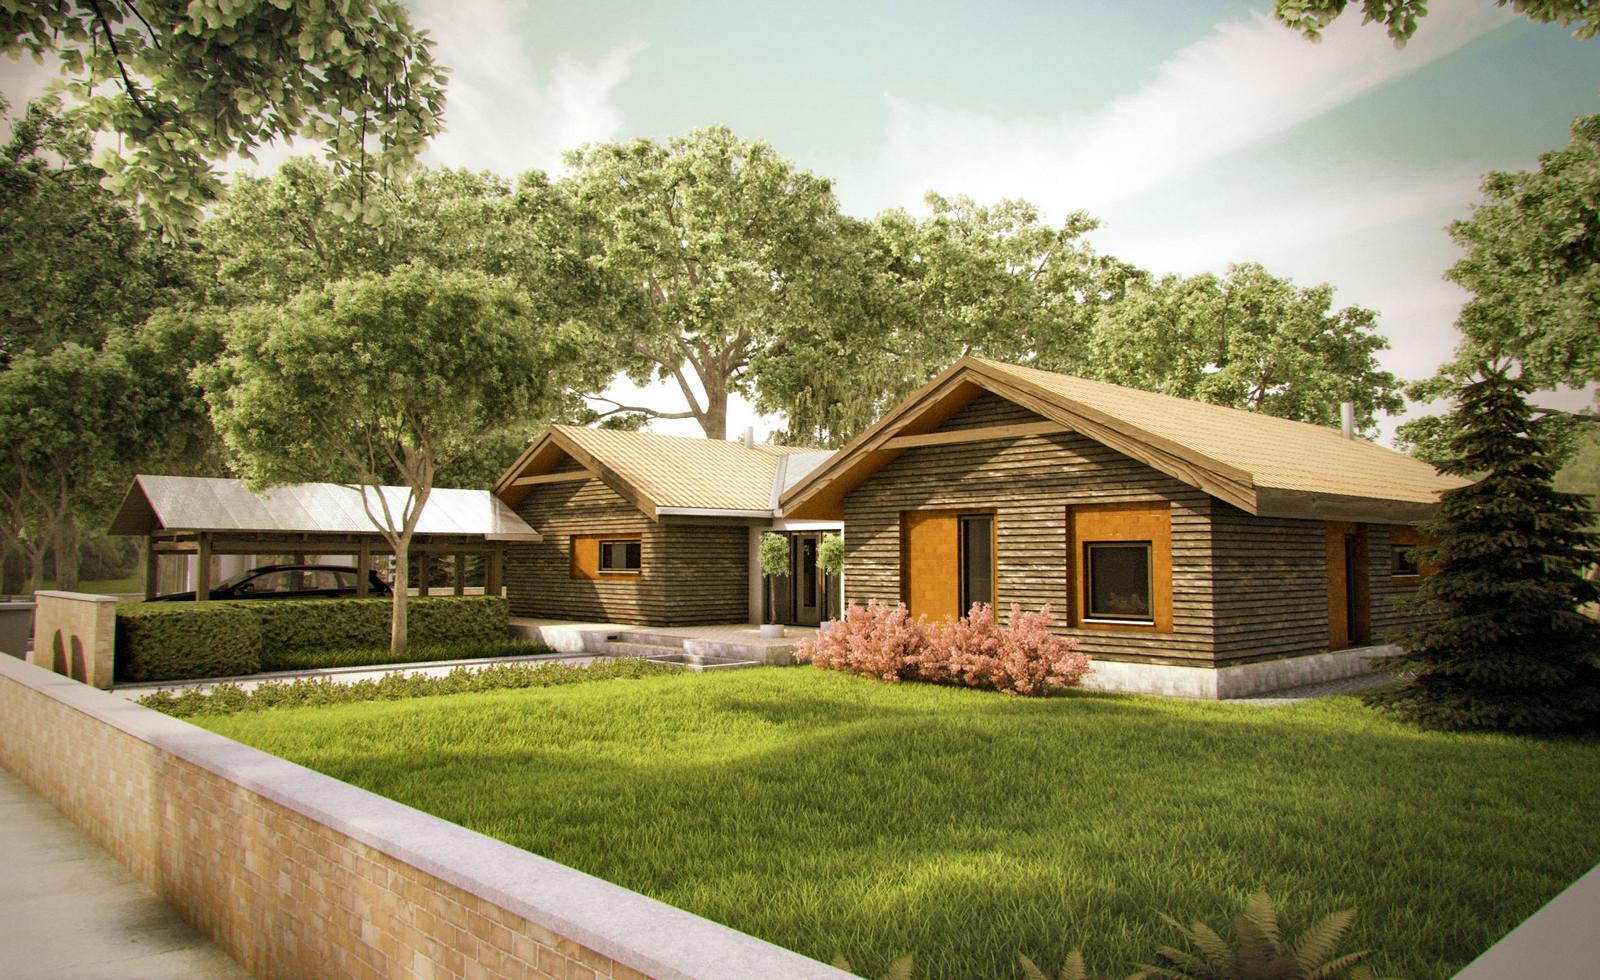 Projekt domu TARASOWY Domy Czystej Energii widok od frontu